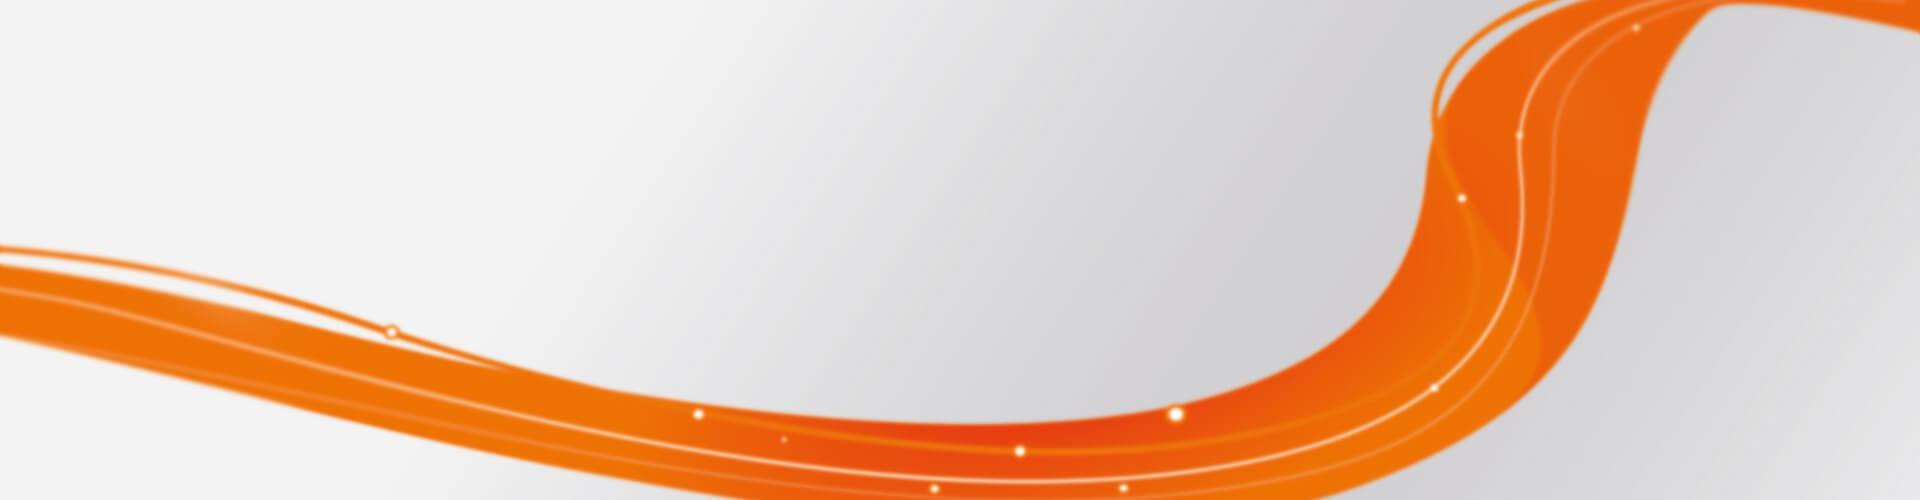 hintergrund-website-cm